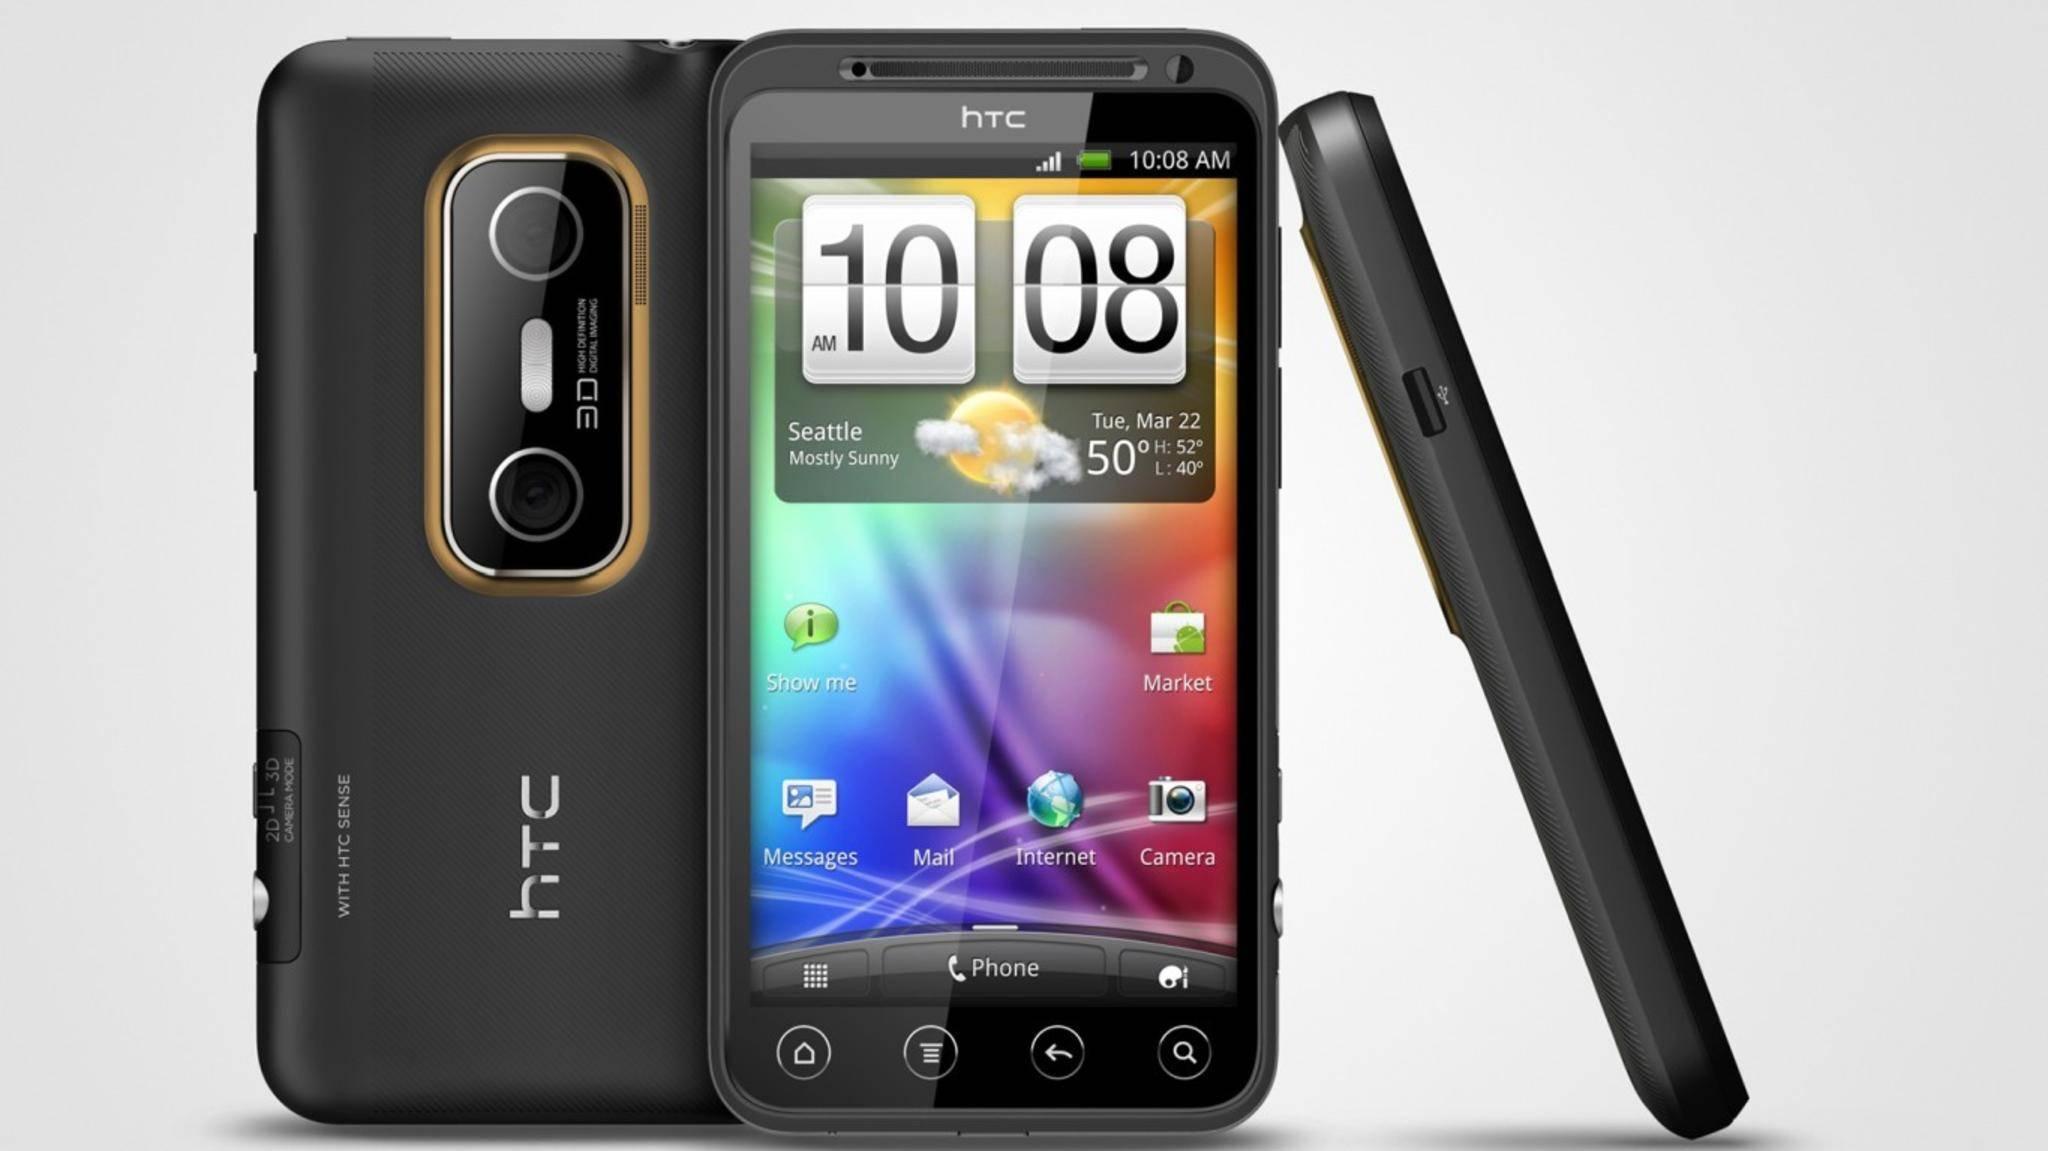 Das HTC Evo 3D war das erste Smartphone mit Dual-Kamera.